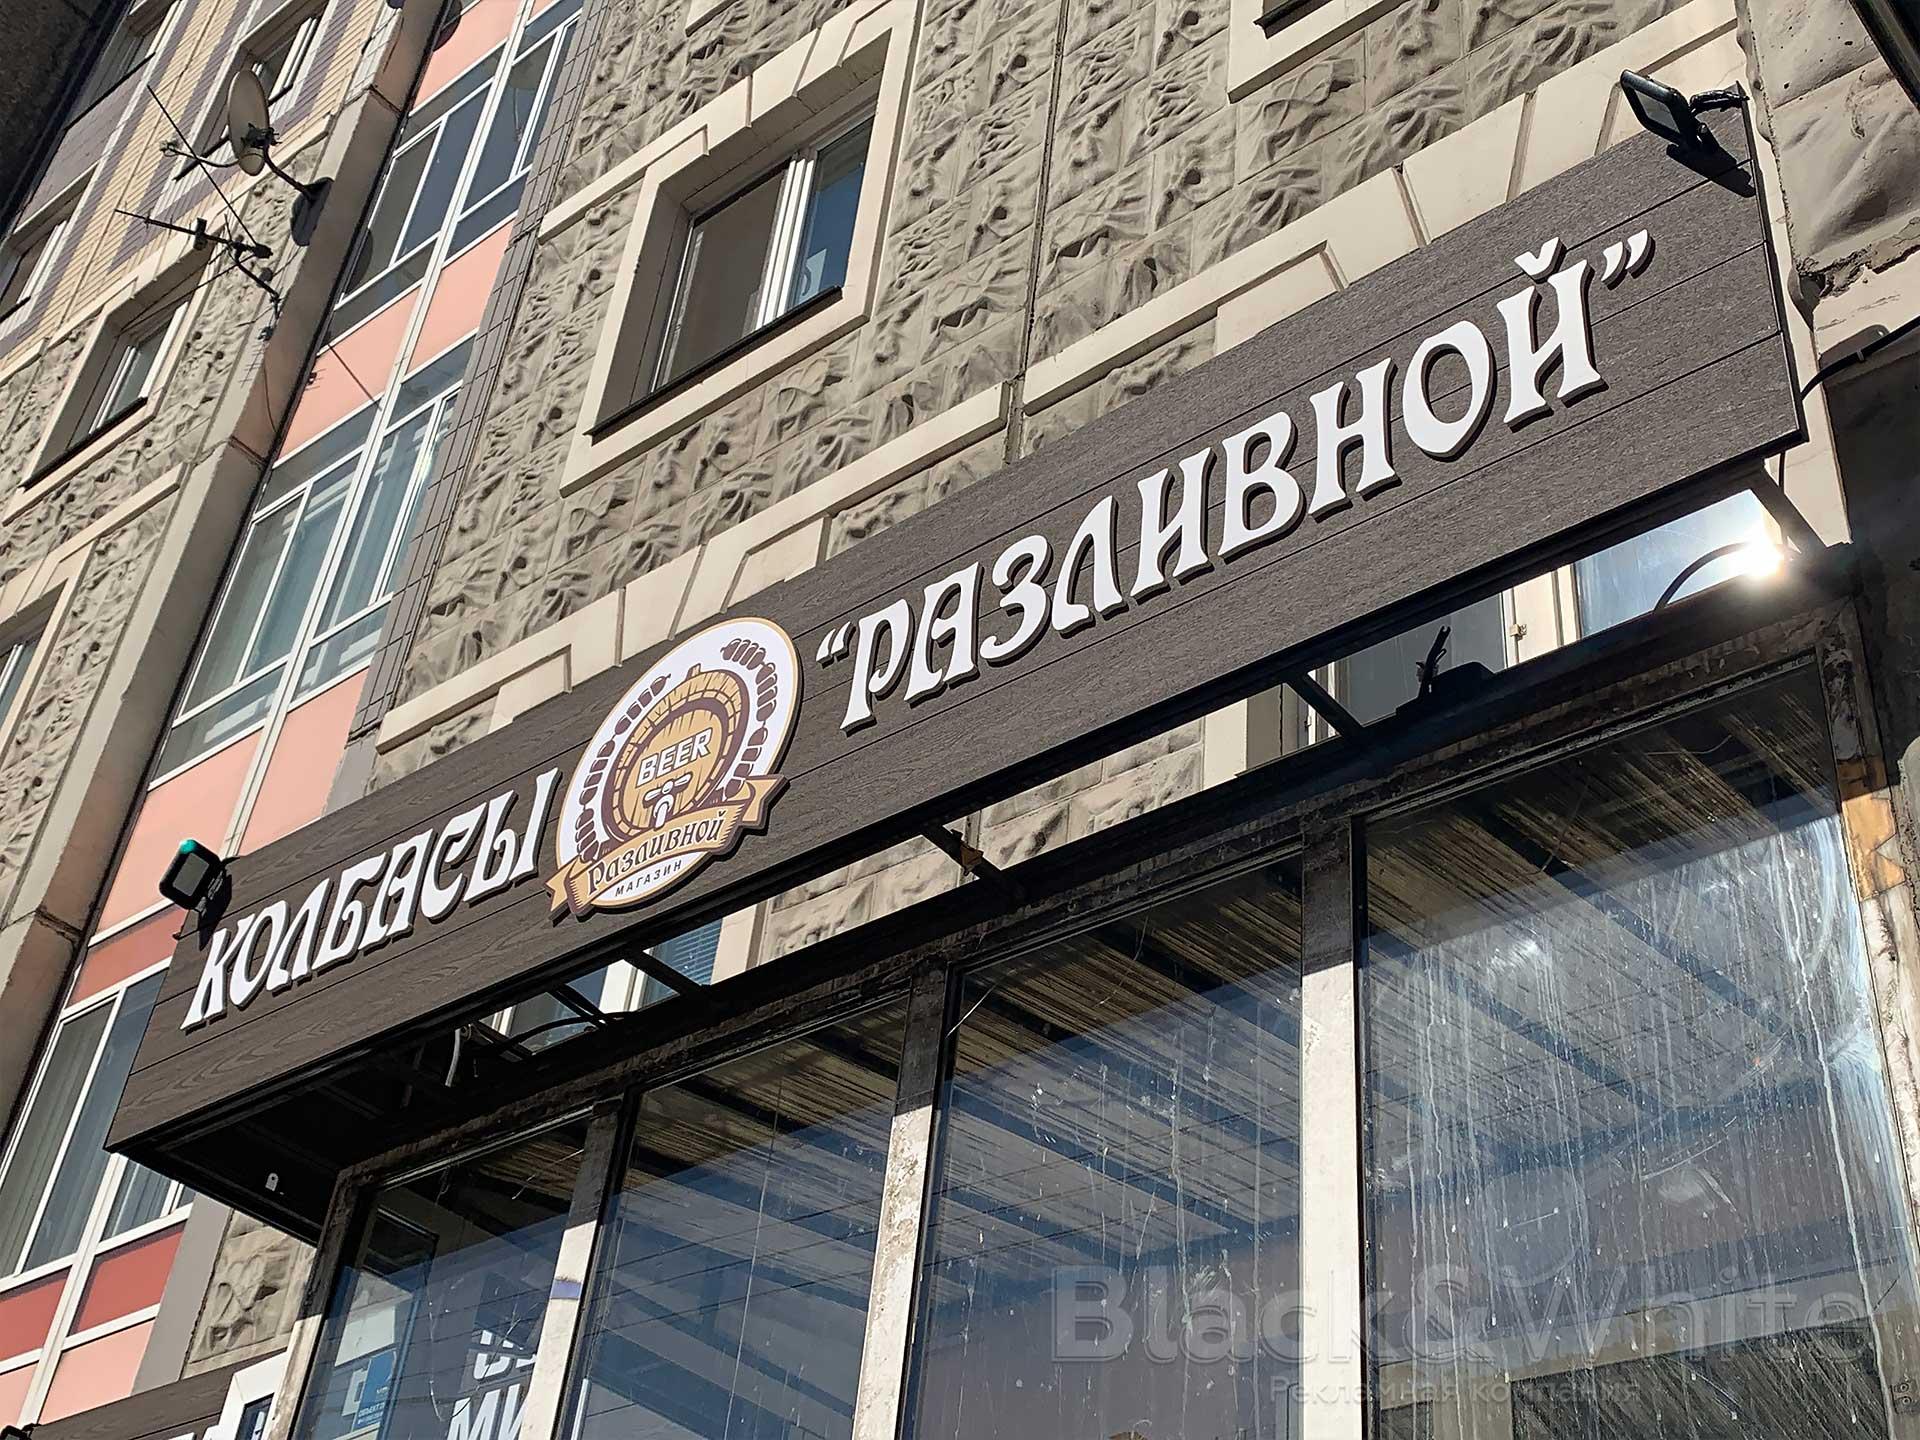 Высеска-из-дерава-с-псевдообъёмными-плоские-буквыми-из-пвх-ихготовление-в-Красноярске...jpg